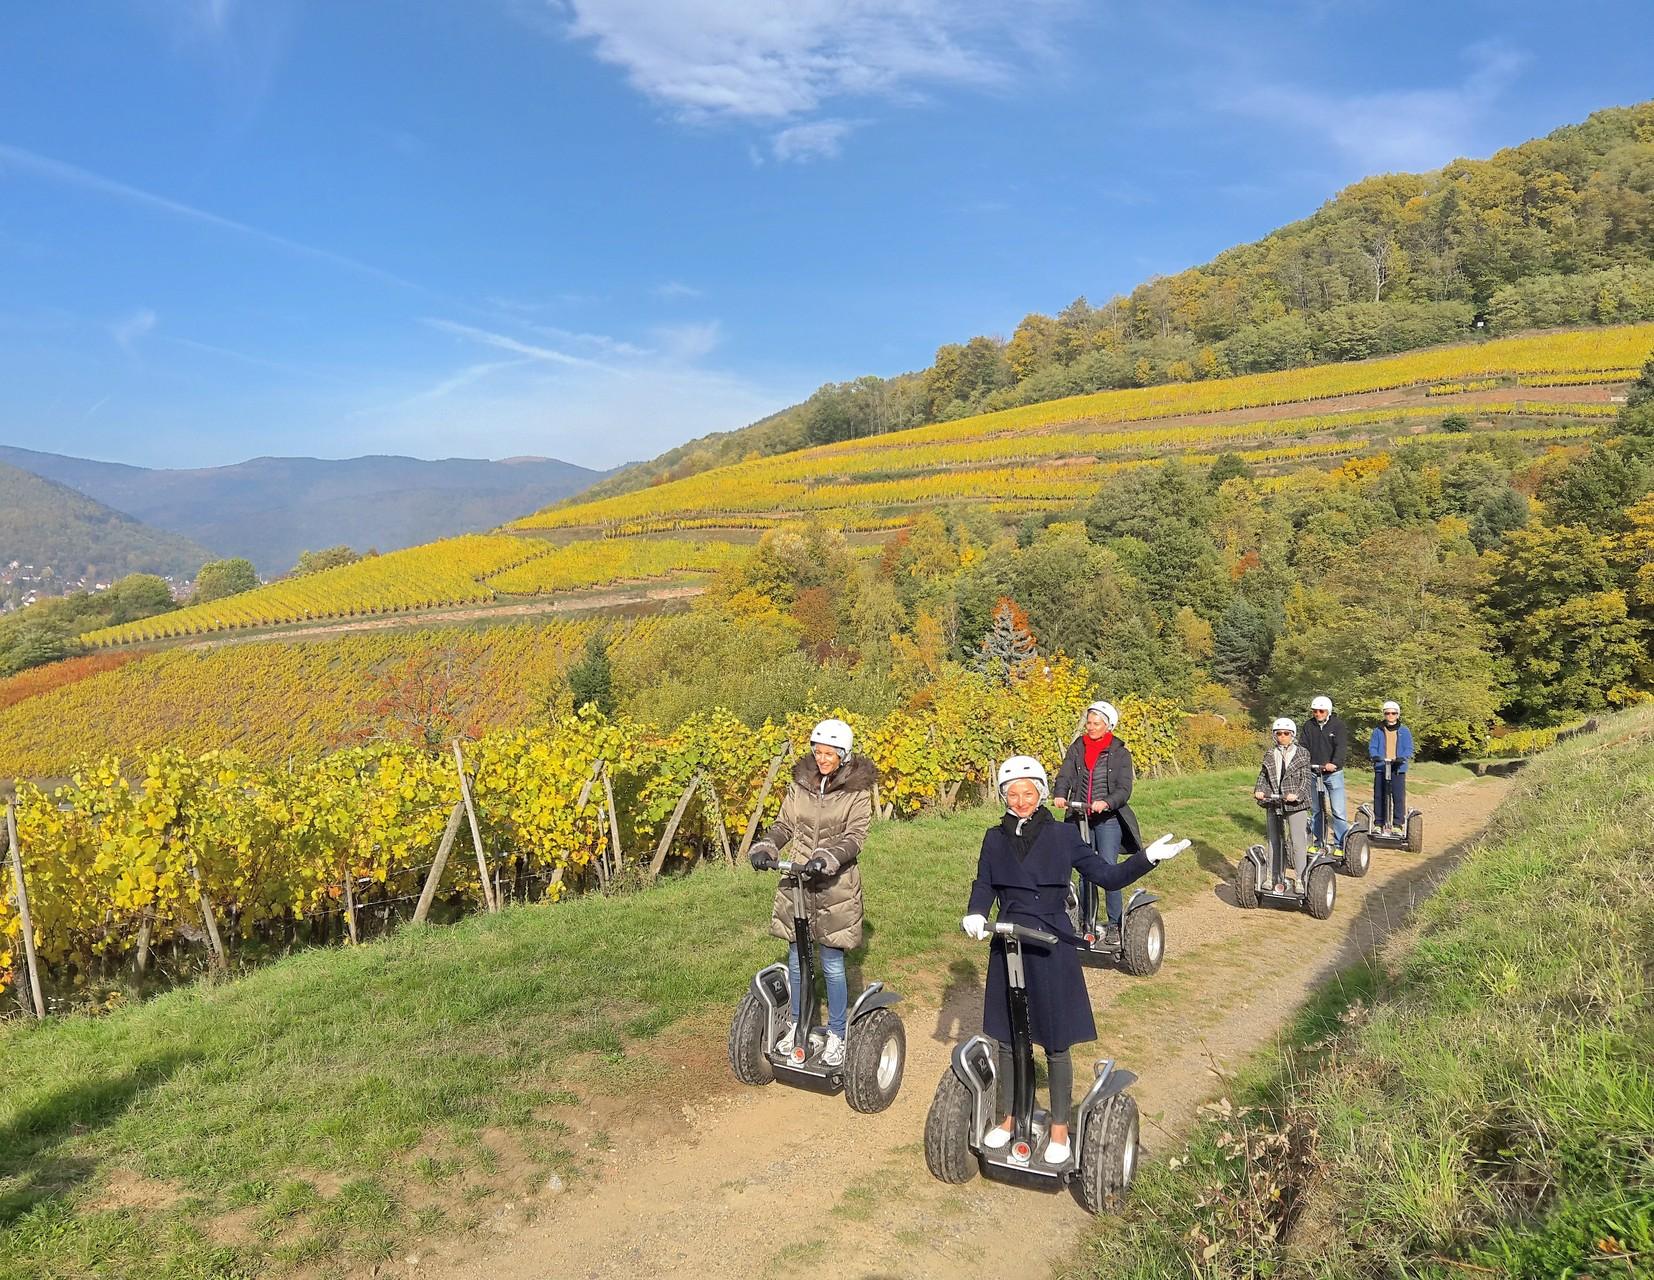 FUN MOVING GYROPODE SEGWAY EN ALSACE - oenotourisme, vignoble d'Alsace, Schlumberger